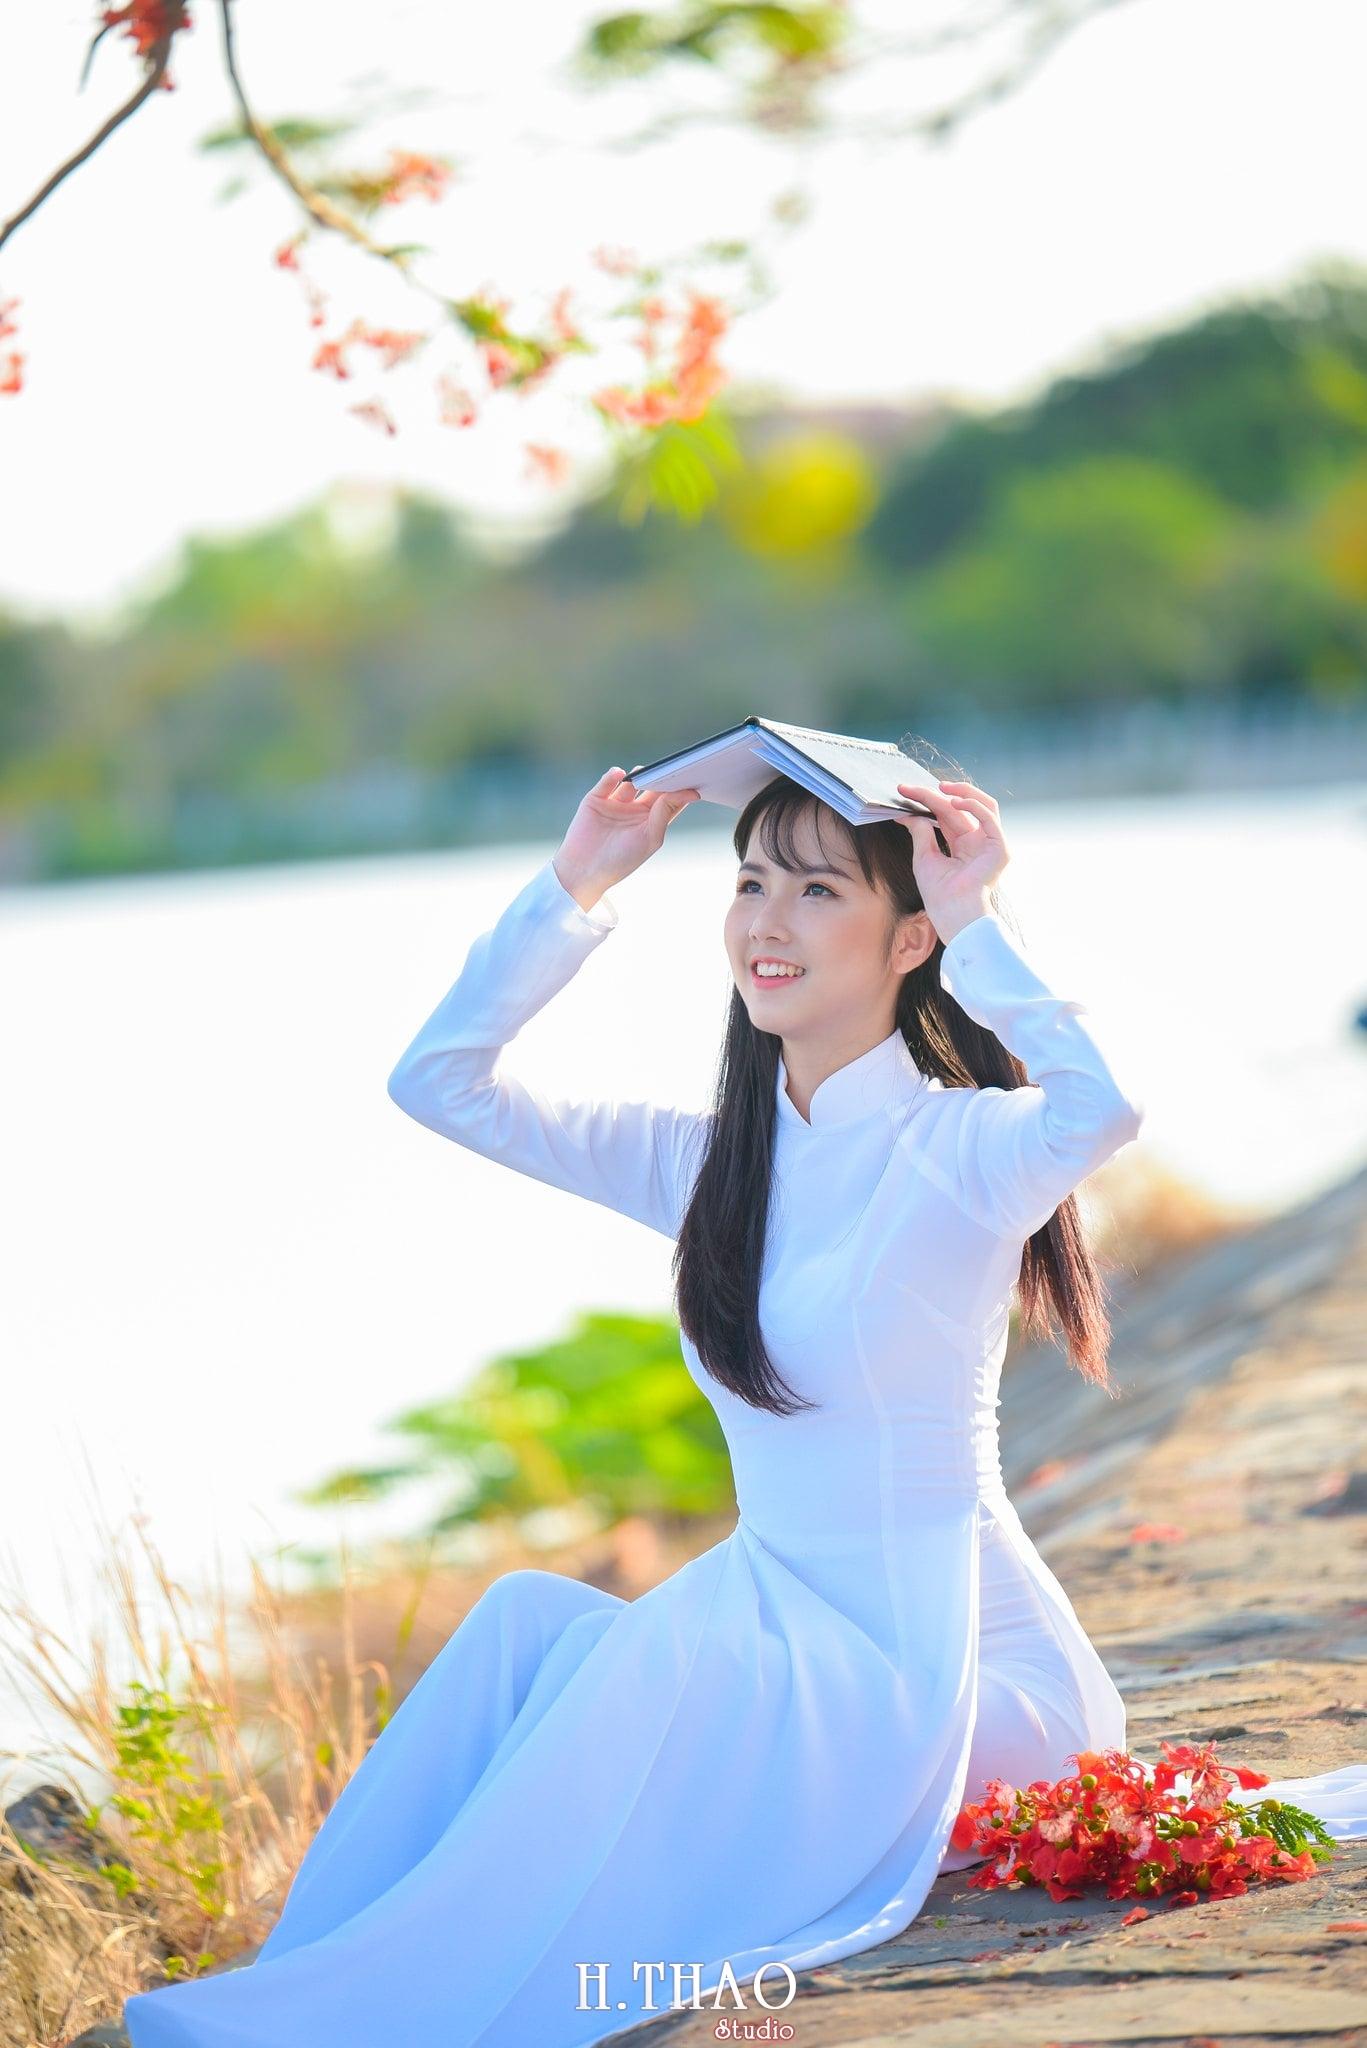 ao dai quan 2 6 - Báo giá chụp hình hoa phượng trọn gói - HThao Studio